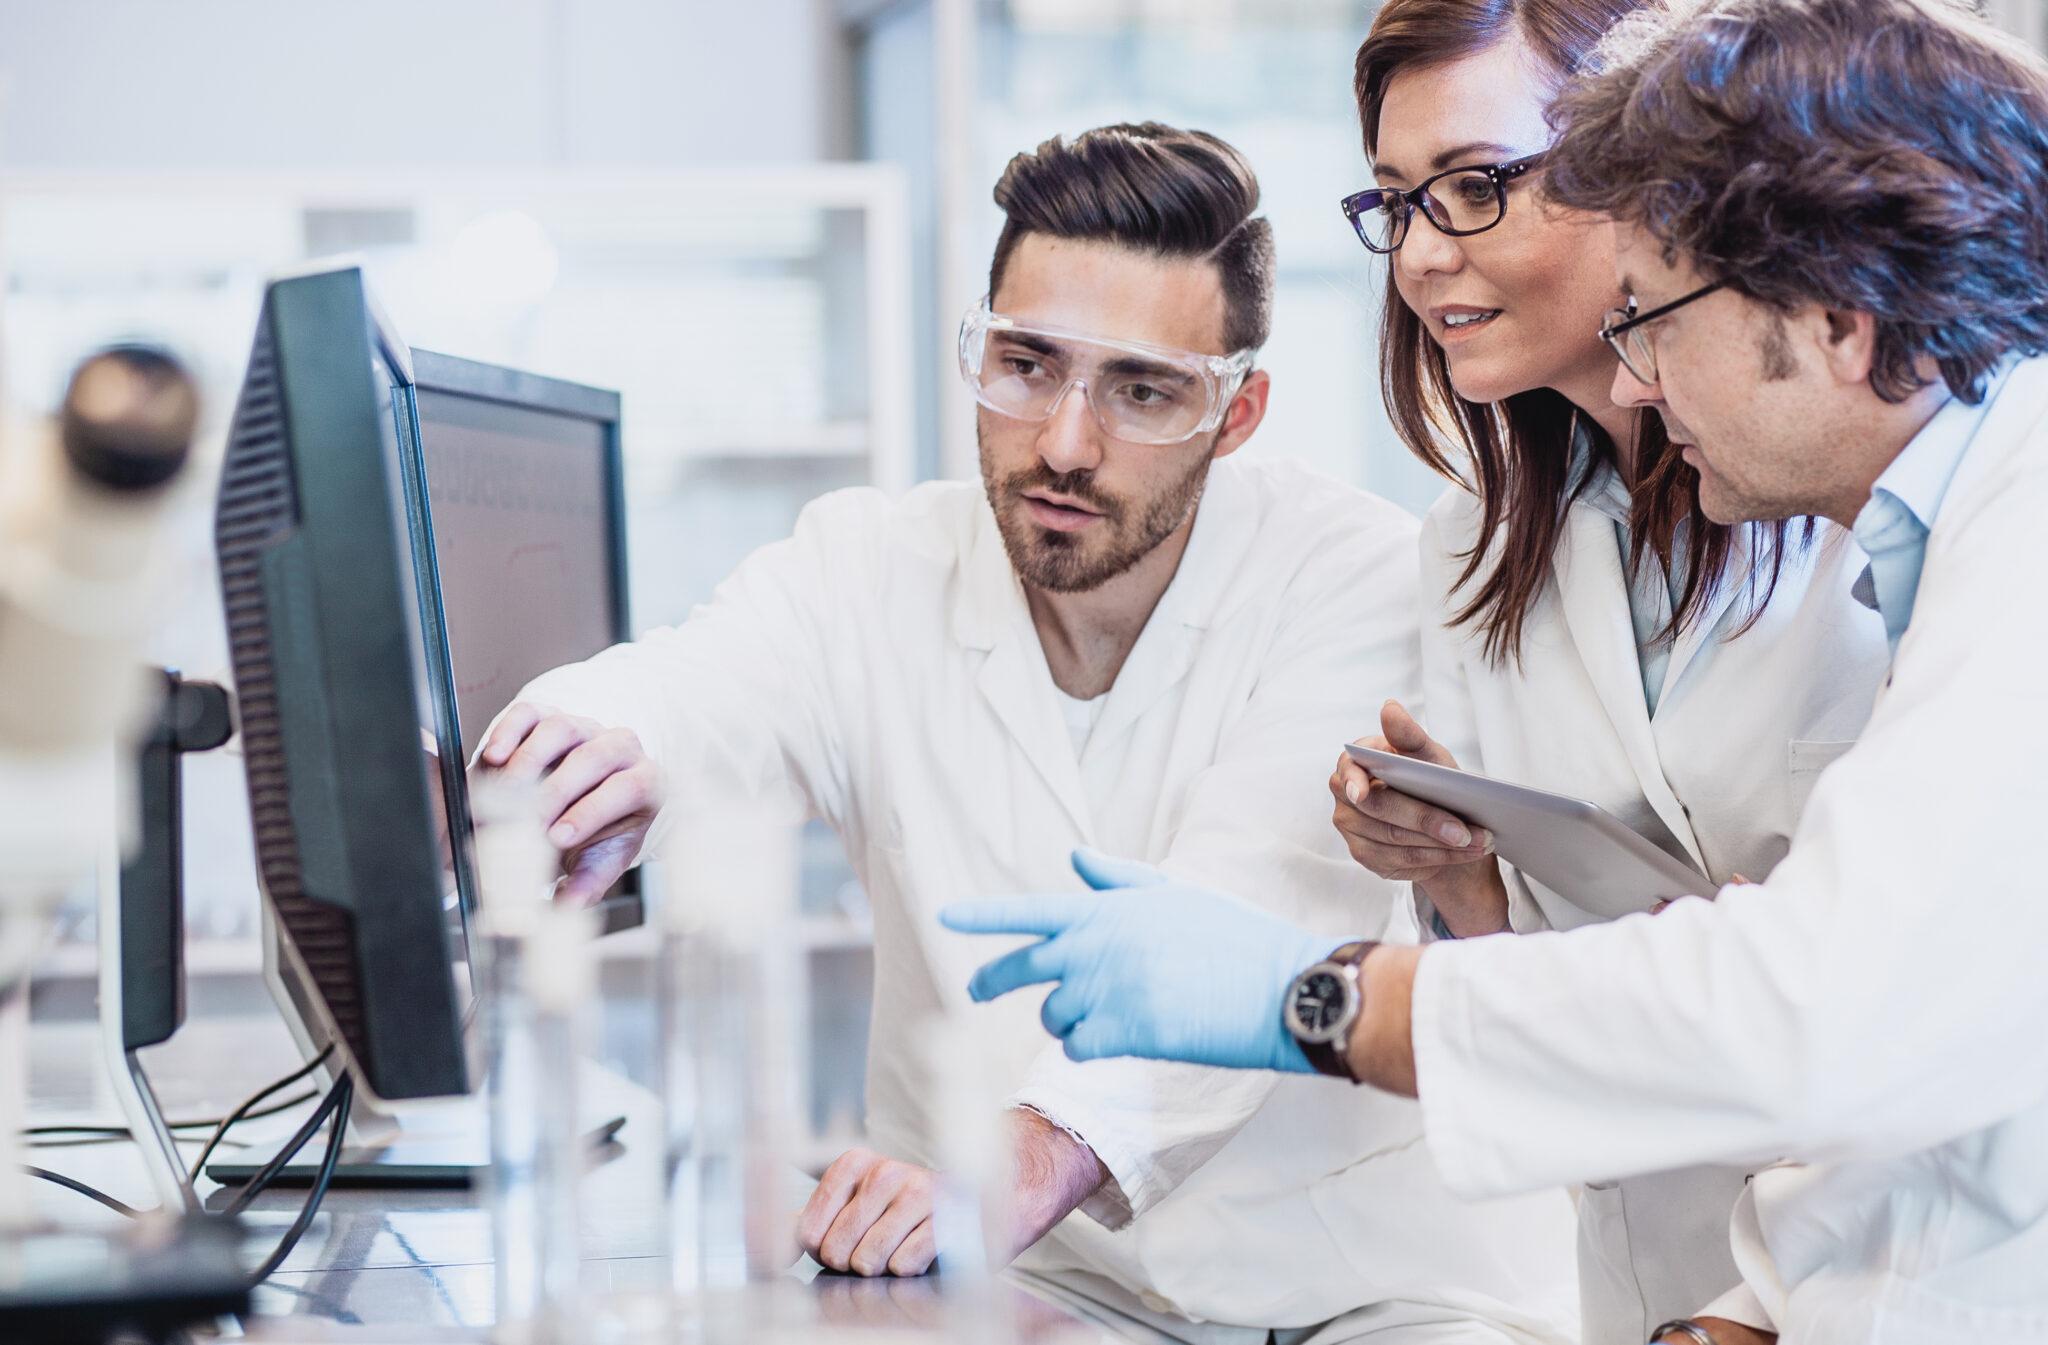 Forscher, die diskutieren und Ergebnisse besprechen